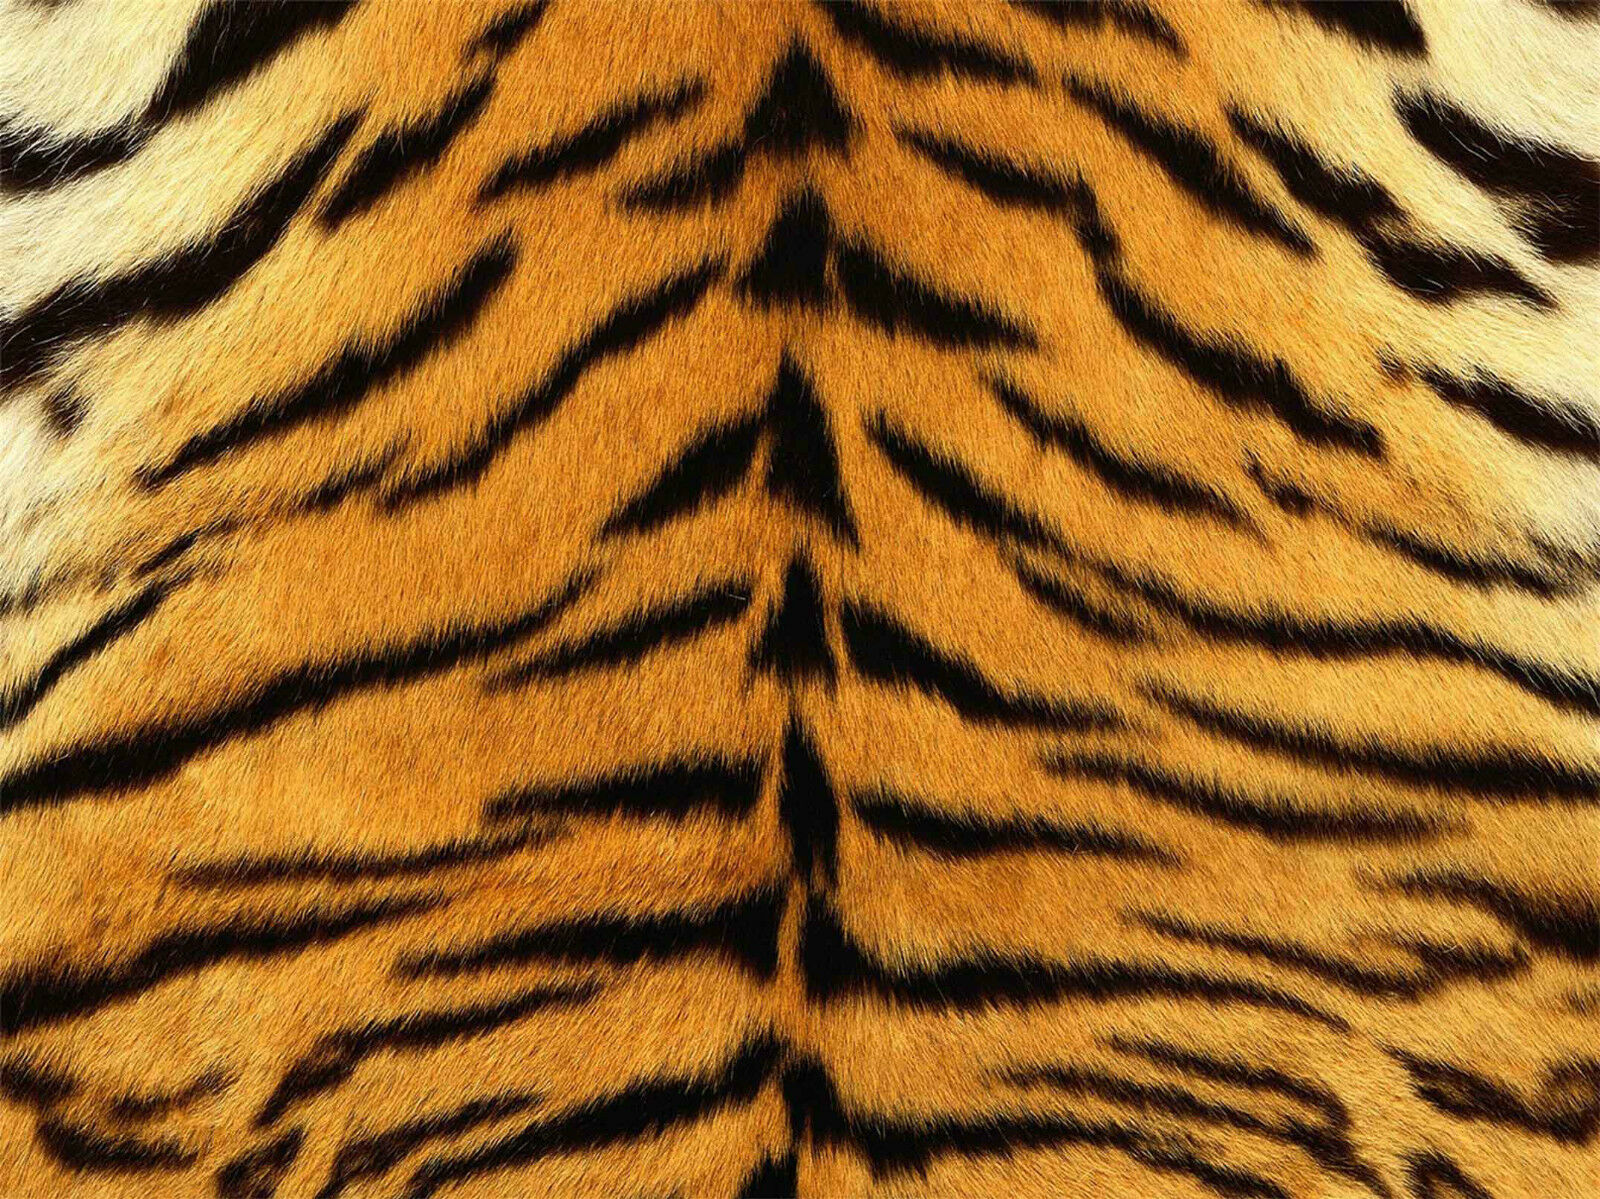 3D Belle Tigre Fourrure 41 Décor Mural AJ Murale De Mur De Cuisine AJ Mural WALLPAPER FR 664e4c